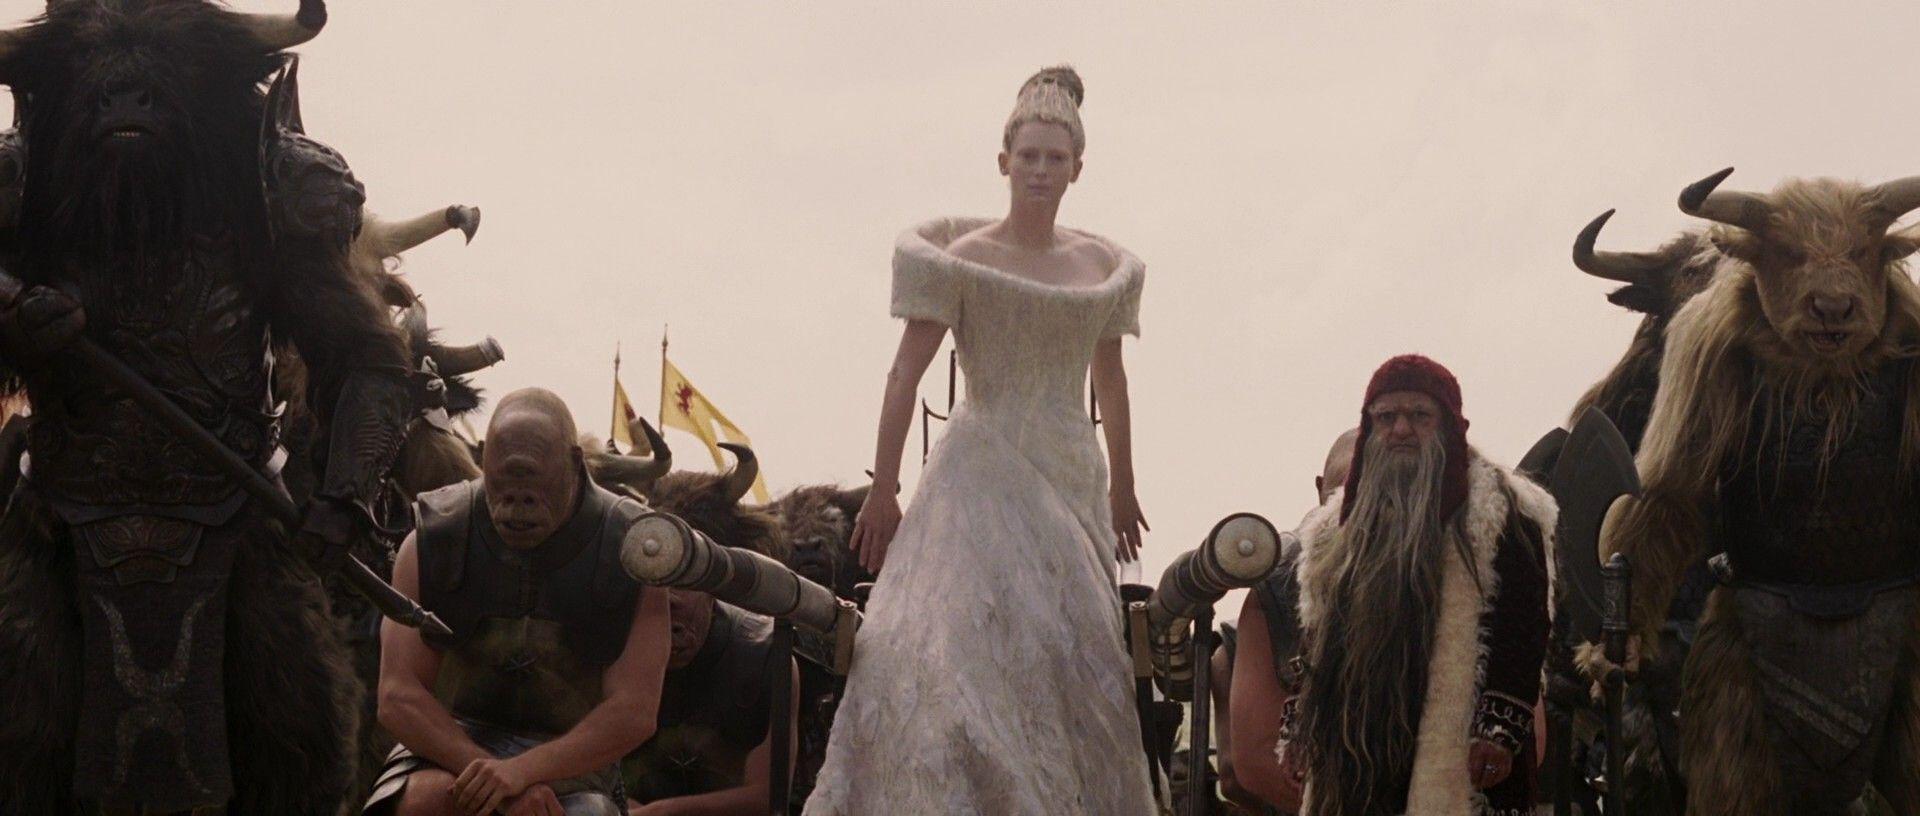 Edmund escapa, pero la Bruja exige su muerte y Aslan se ve obligado a pactar con ella una solución. ¿Cuál?